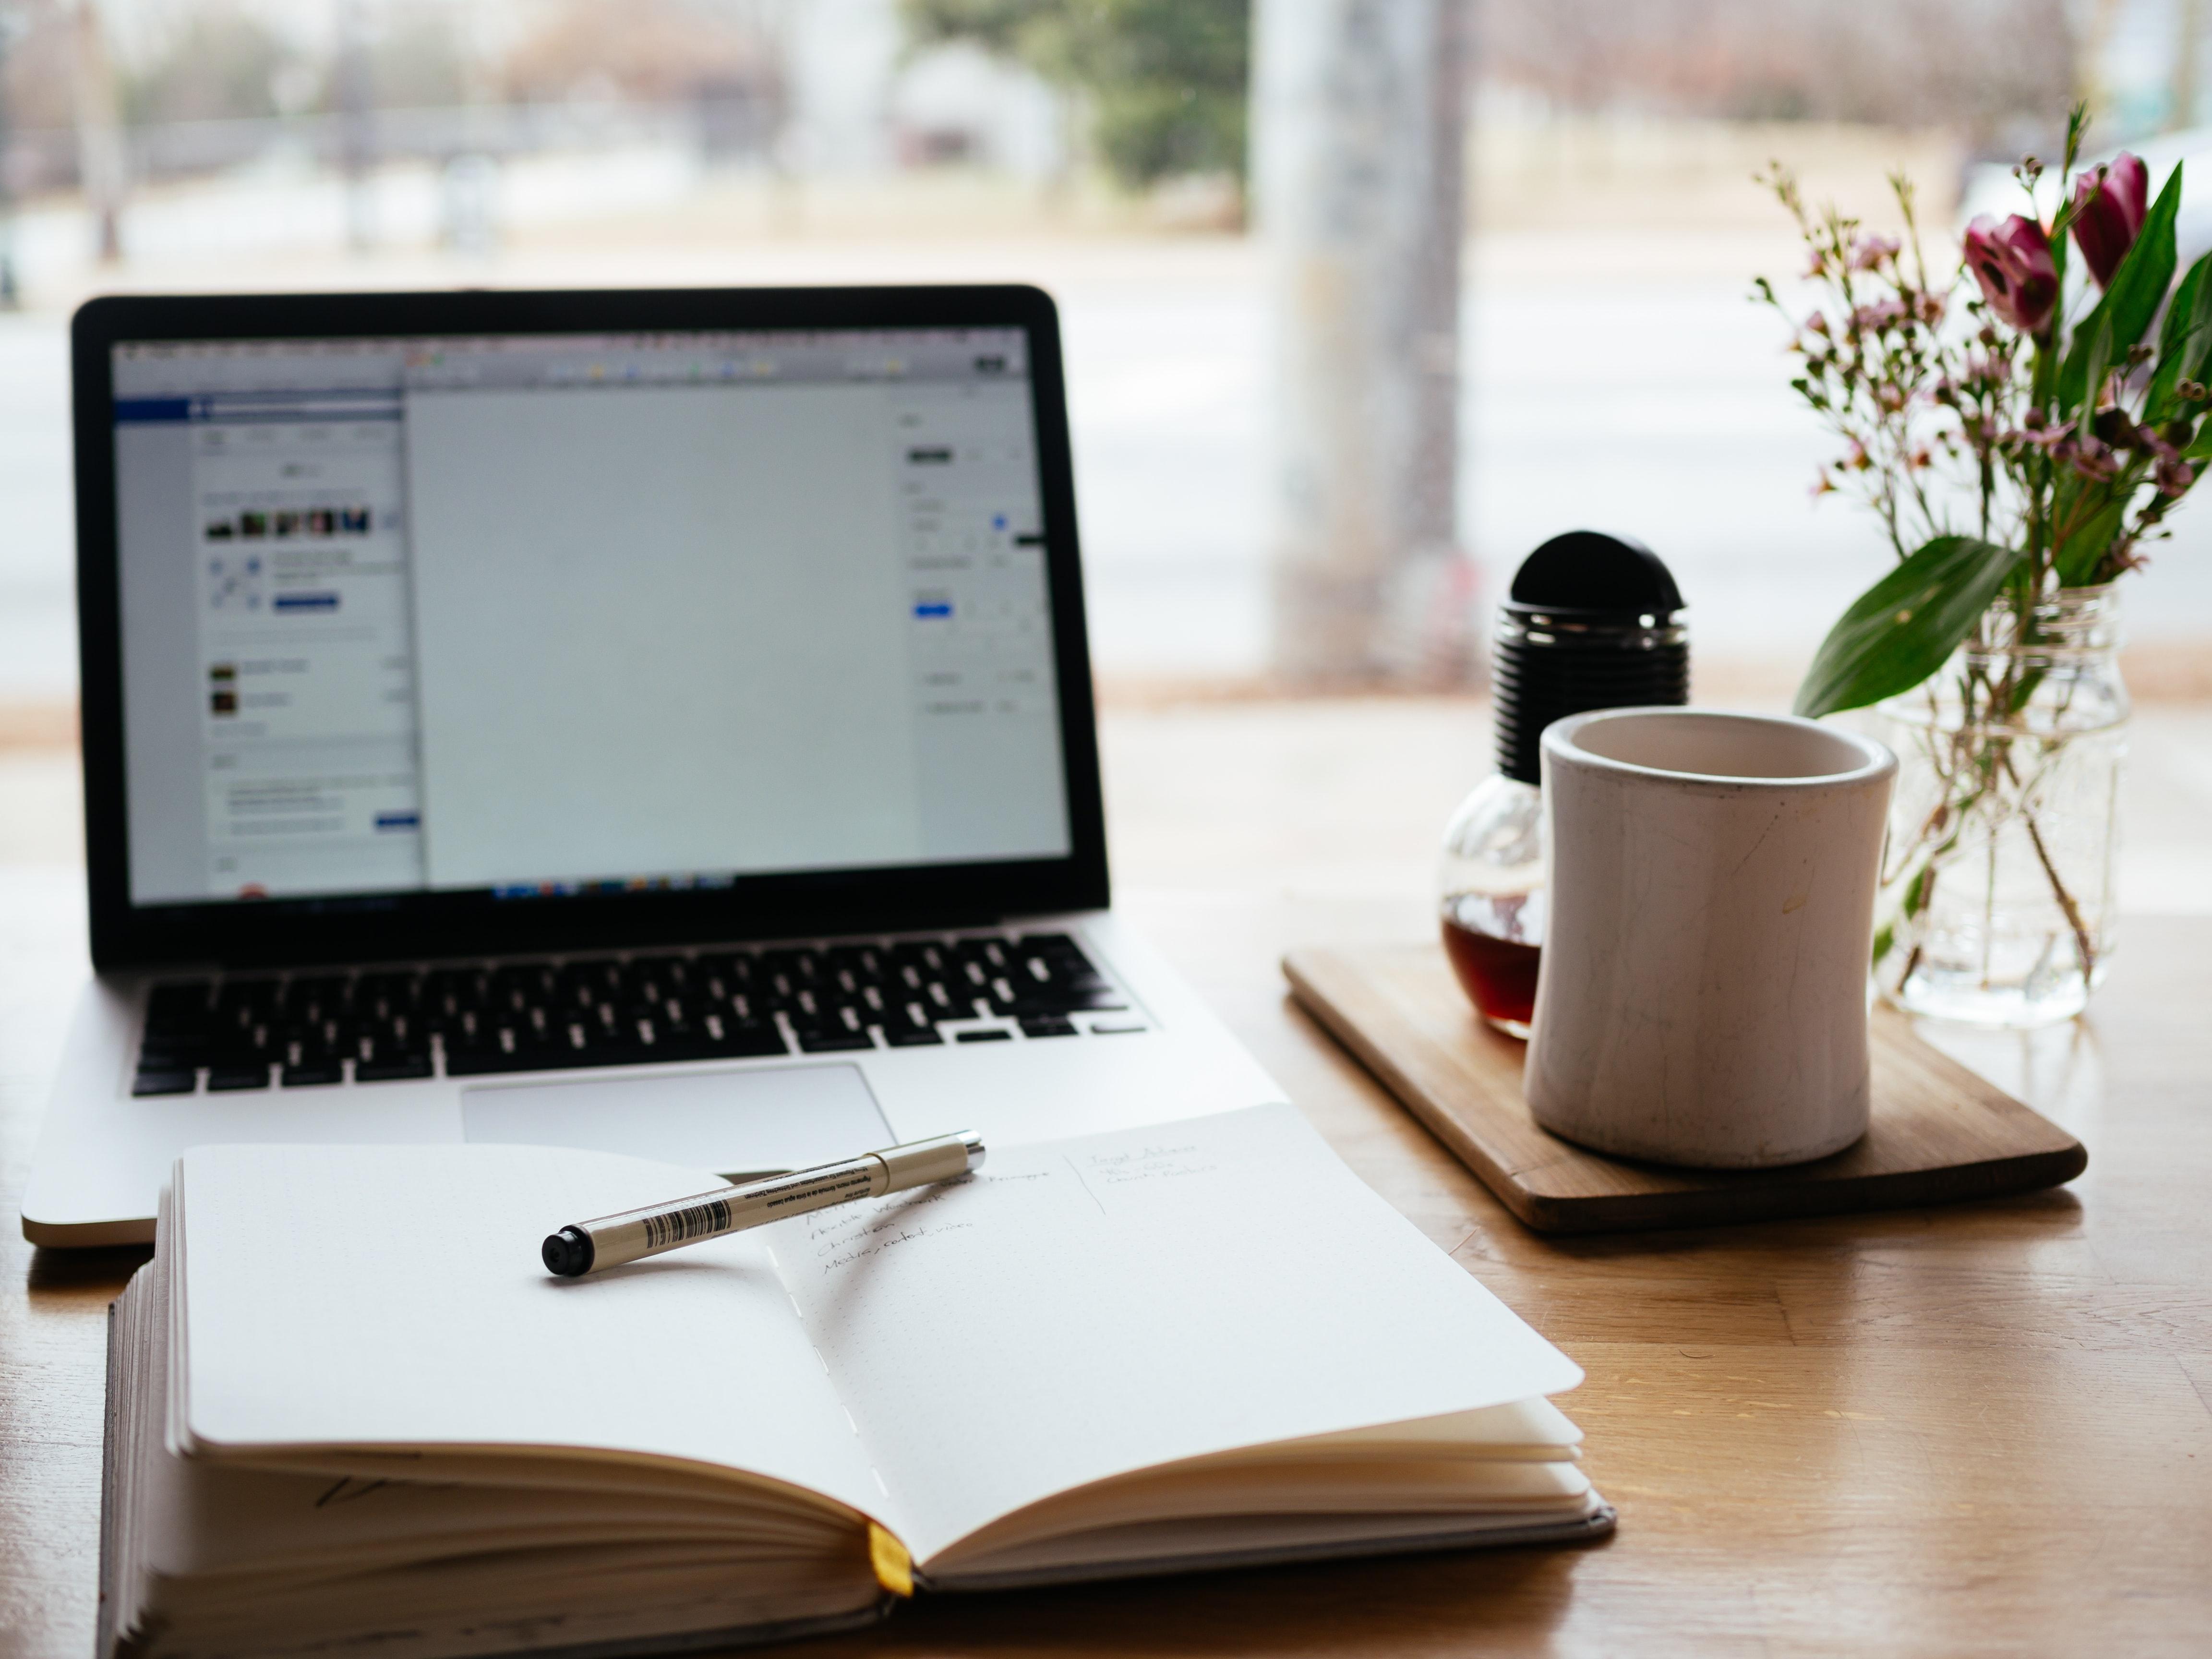 Teletrabajo: Beneficios y barreras de trabajar remotamente